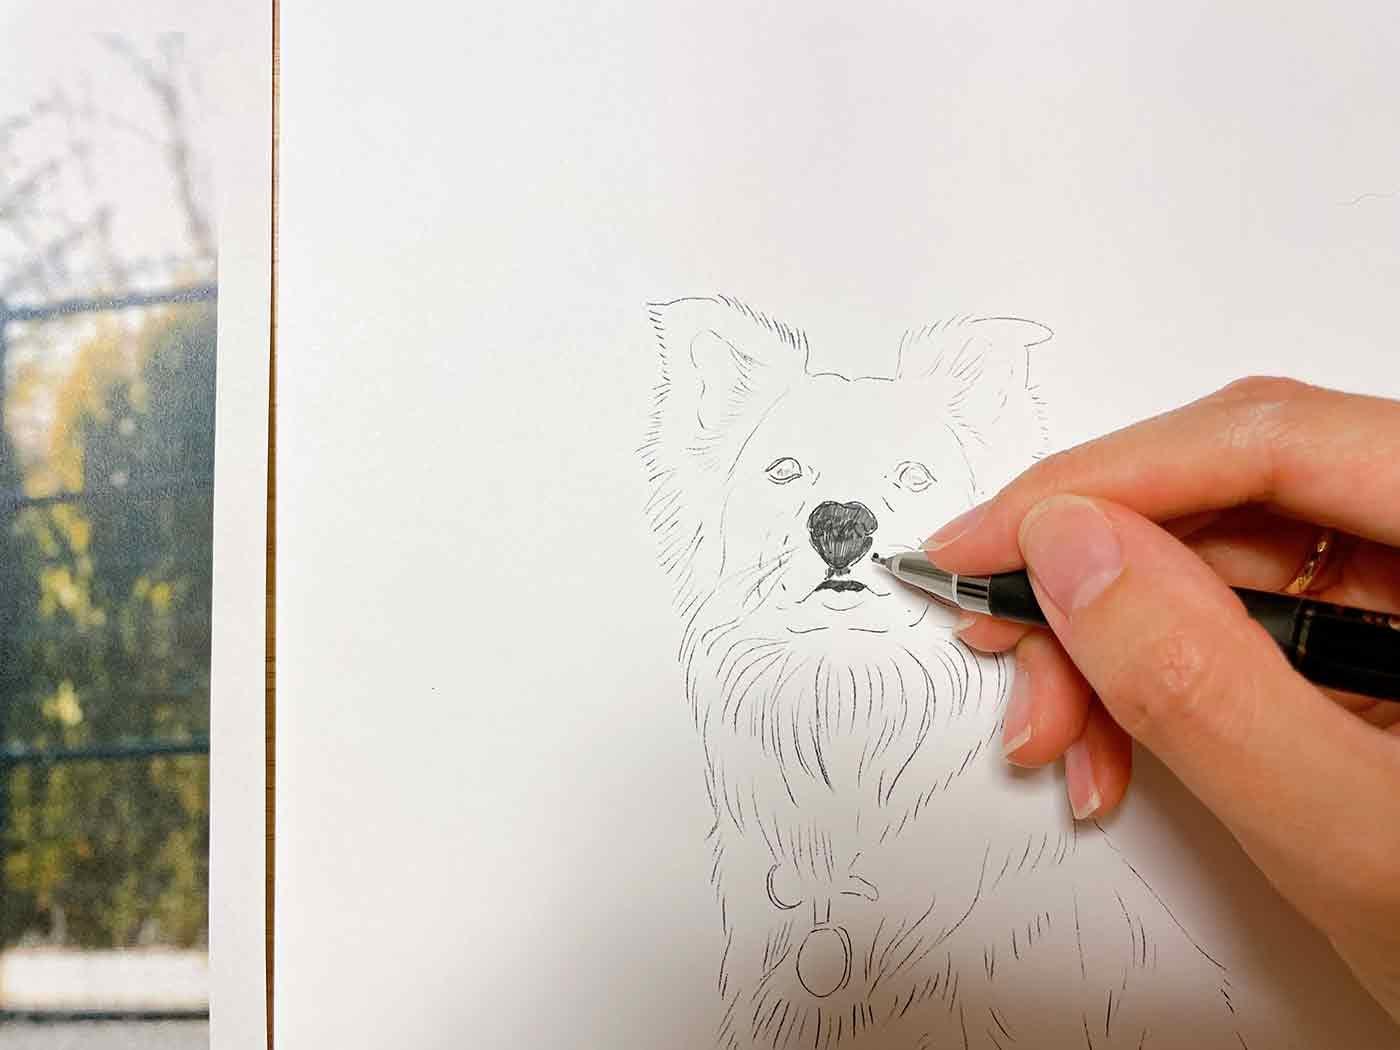 愛犬の顔の部分を塗っているところ